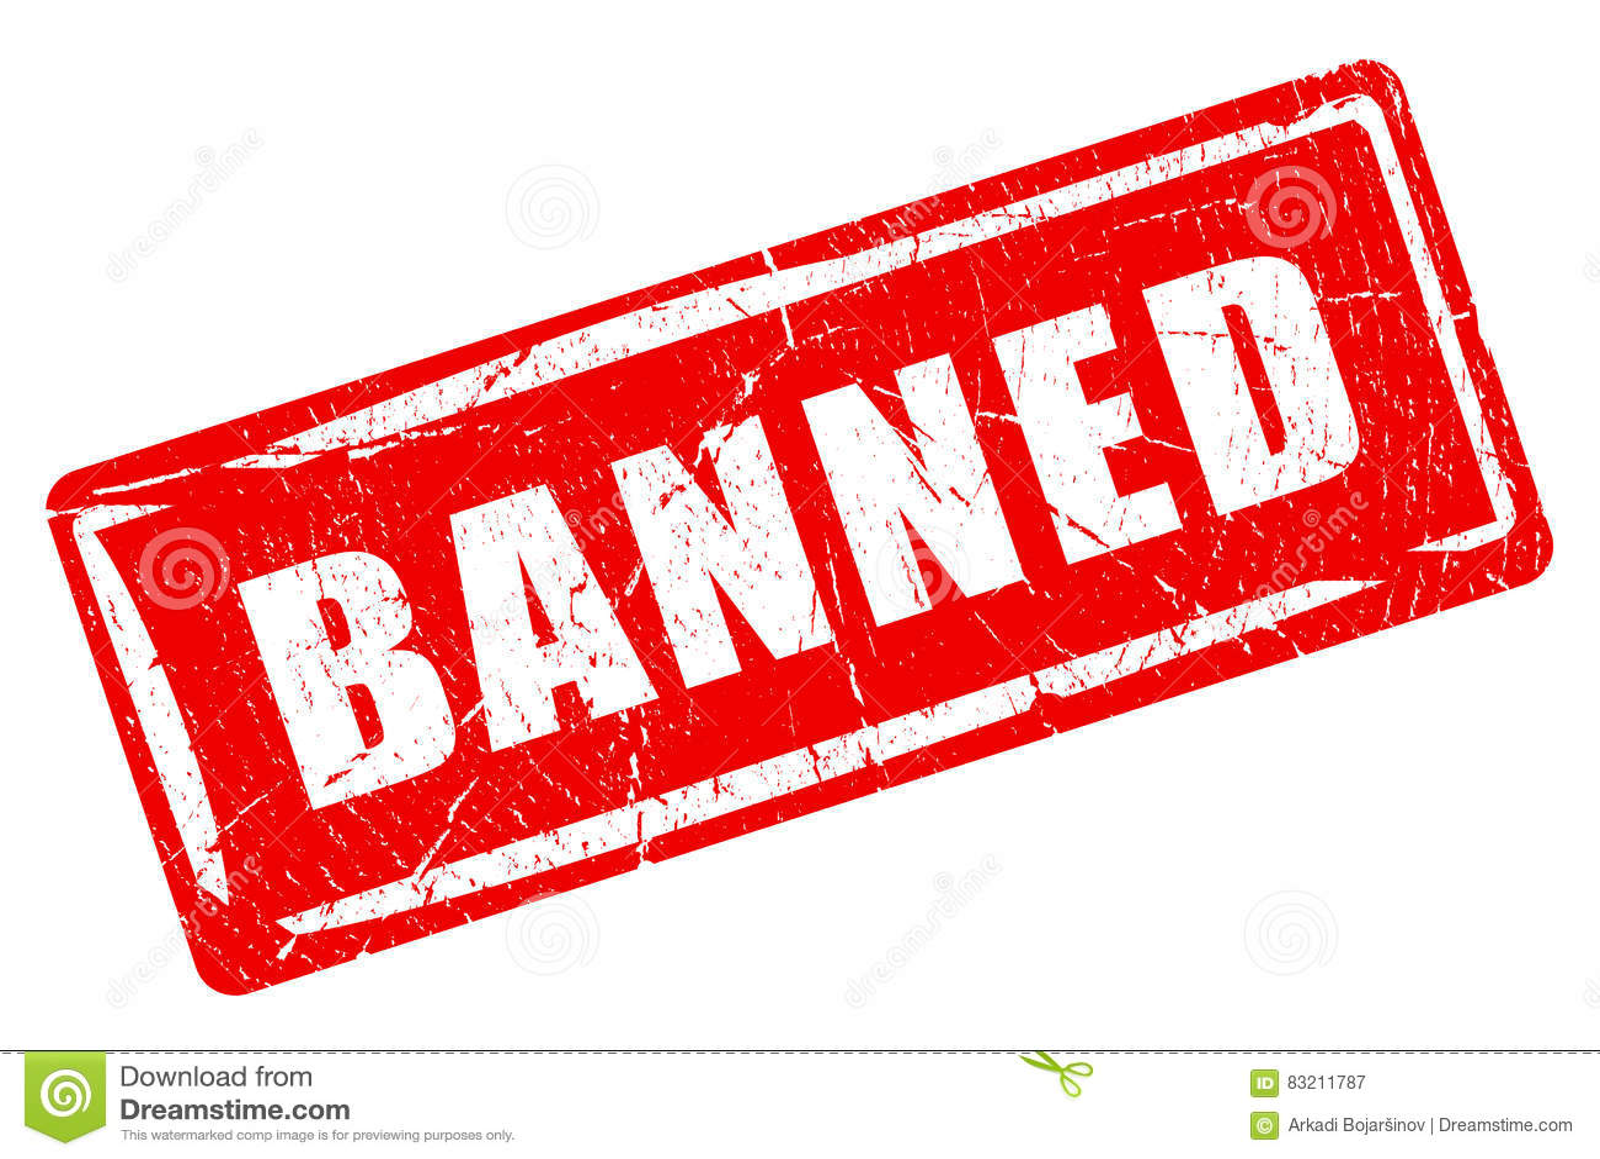 Sello de goma prohibido